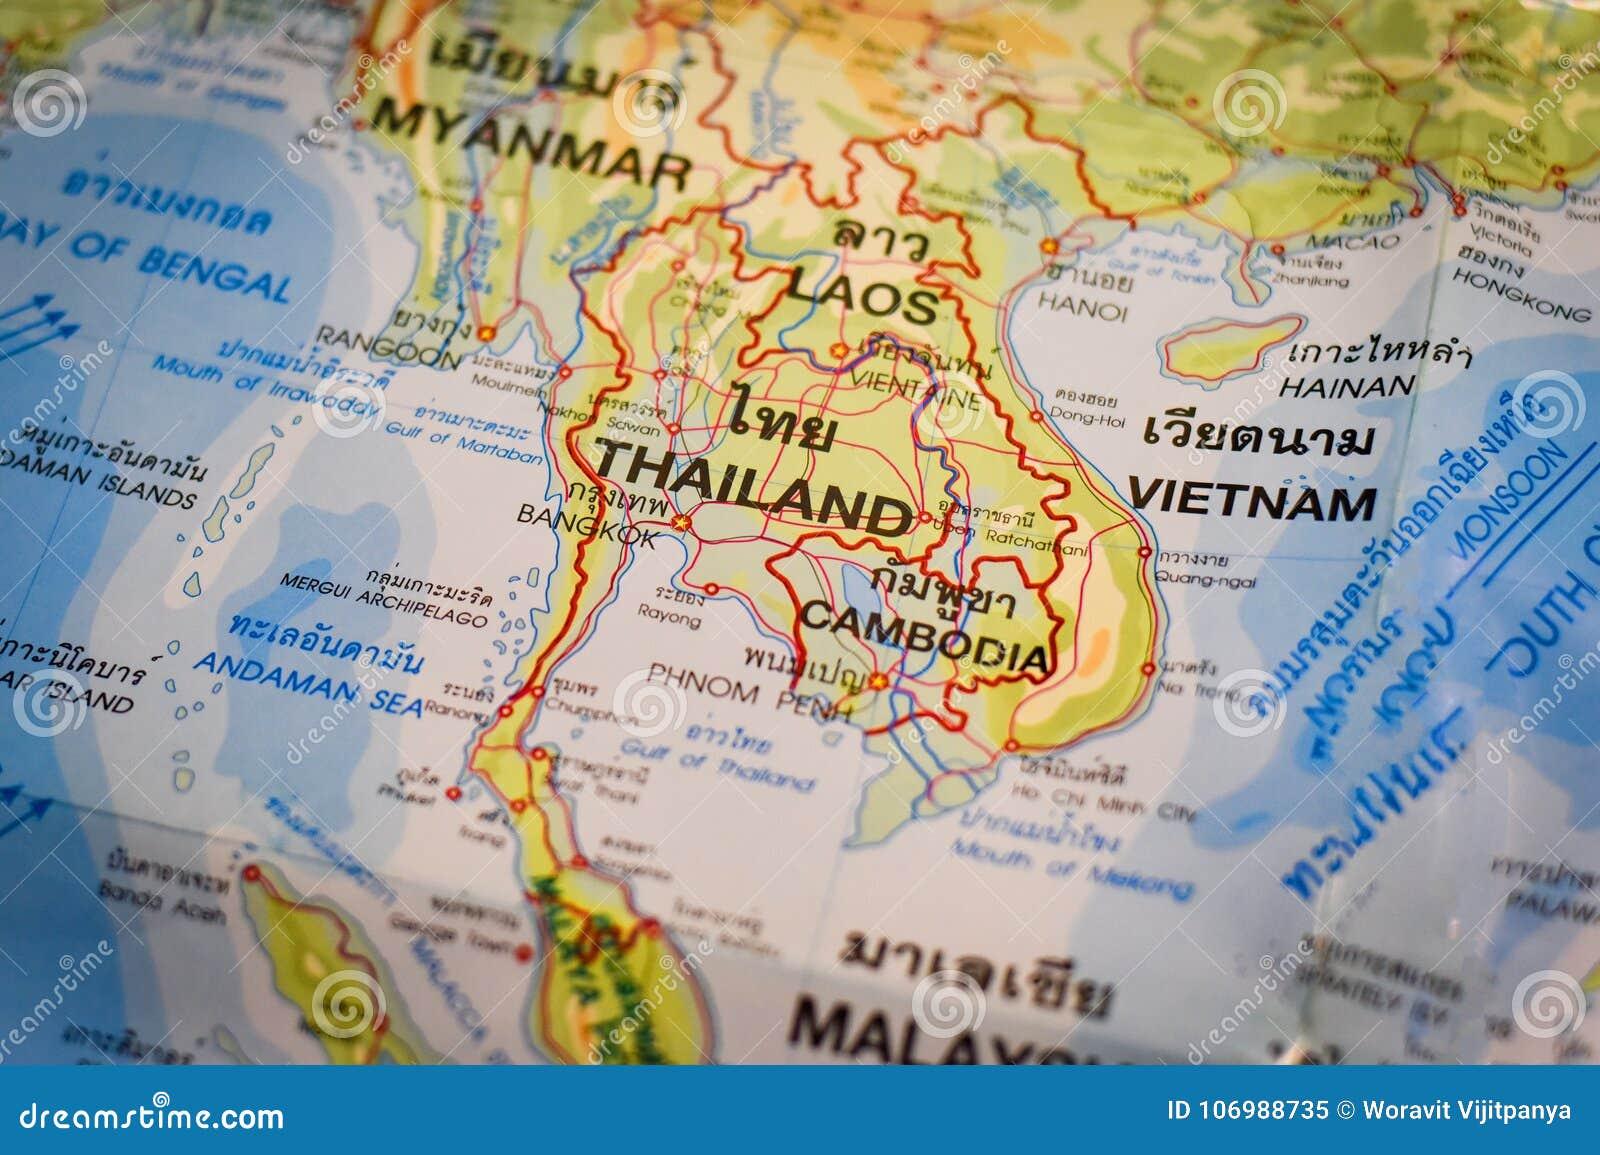 Bangkok Karte.Thailändische Karte Und Asien Karte Stockbild Bild Von Bangkok